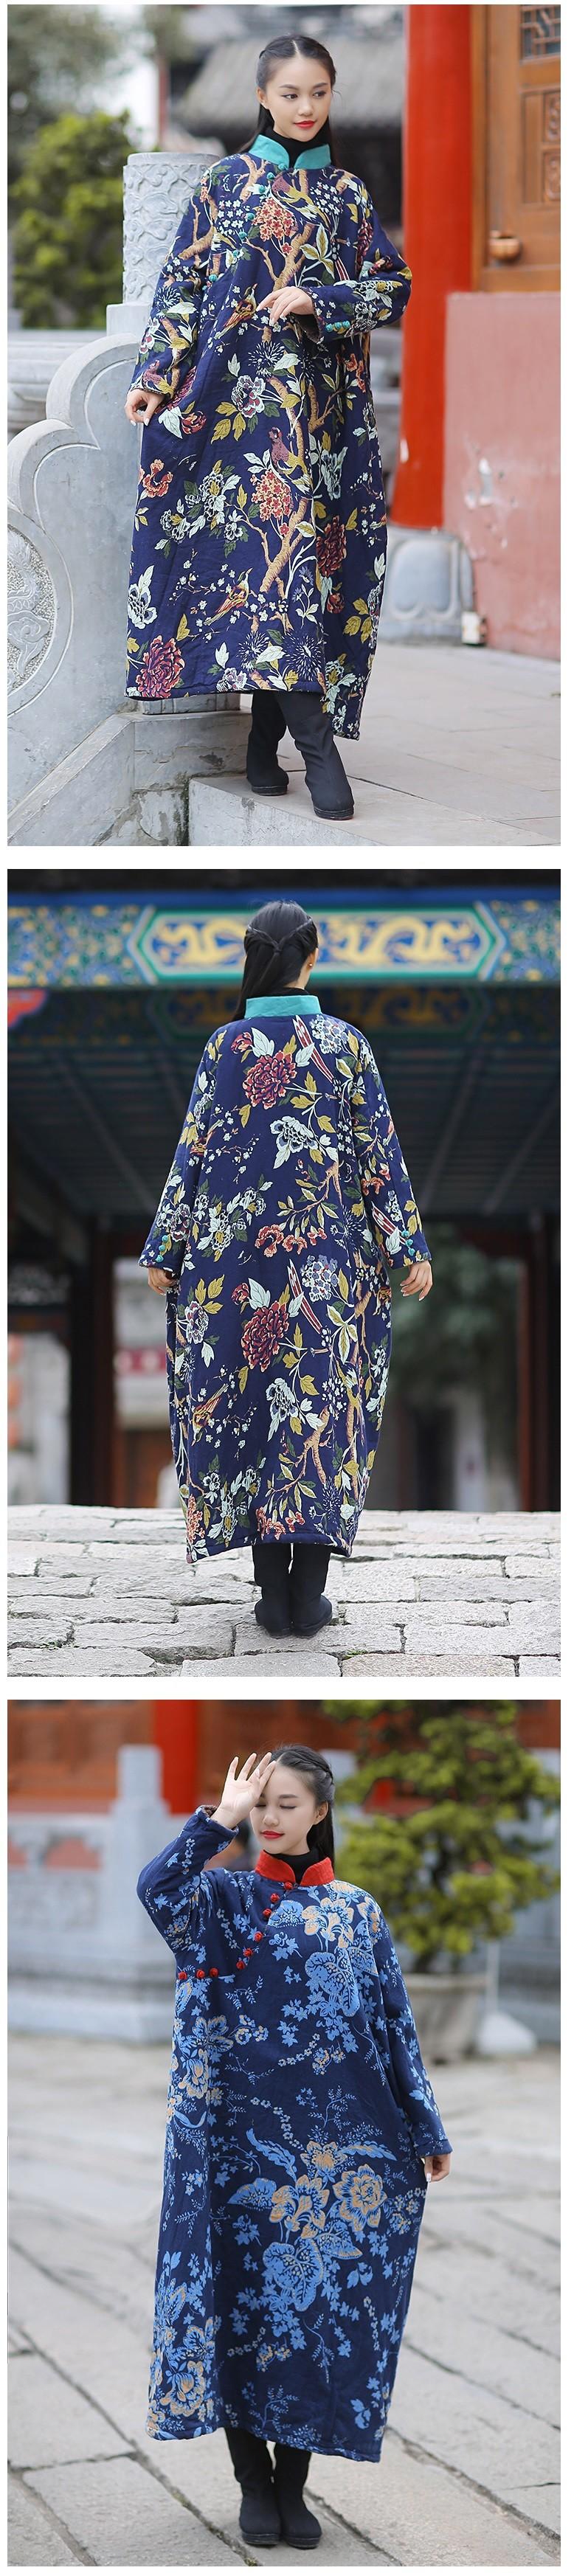 Скидки на Осень 2016 новые продукты, перечисленные, оригинальный дизайн женщины свободные большие ярдов длинные хлопка мягкой одежды